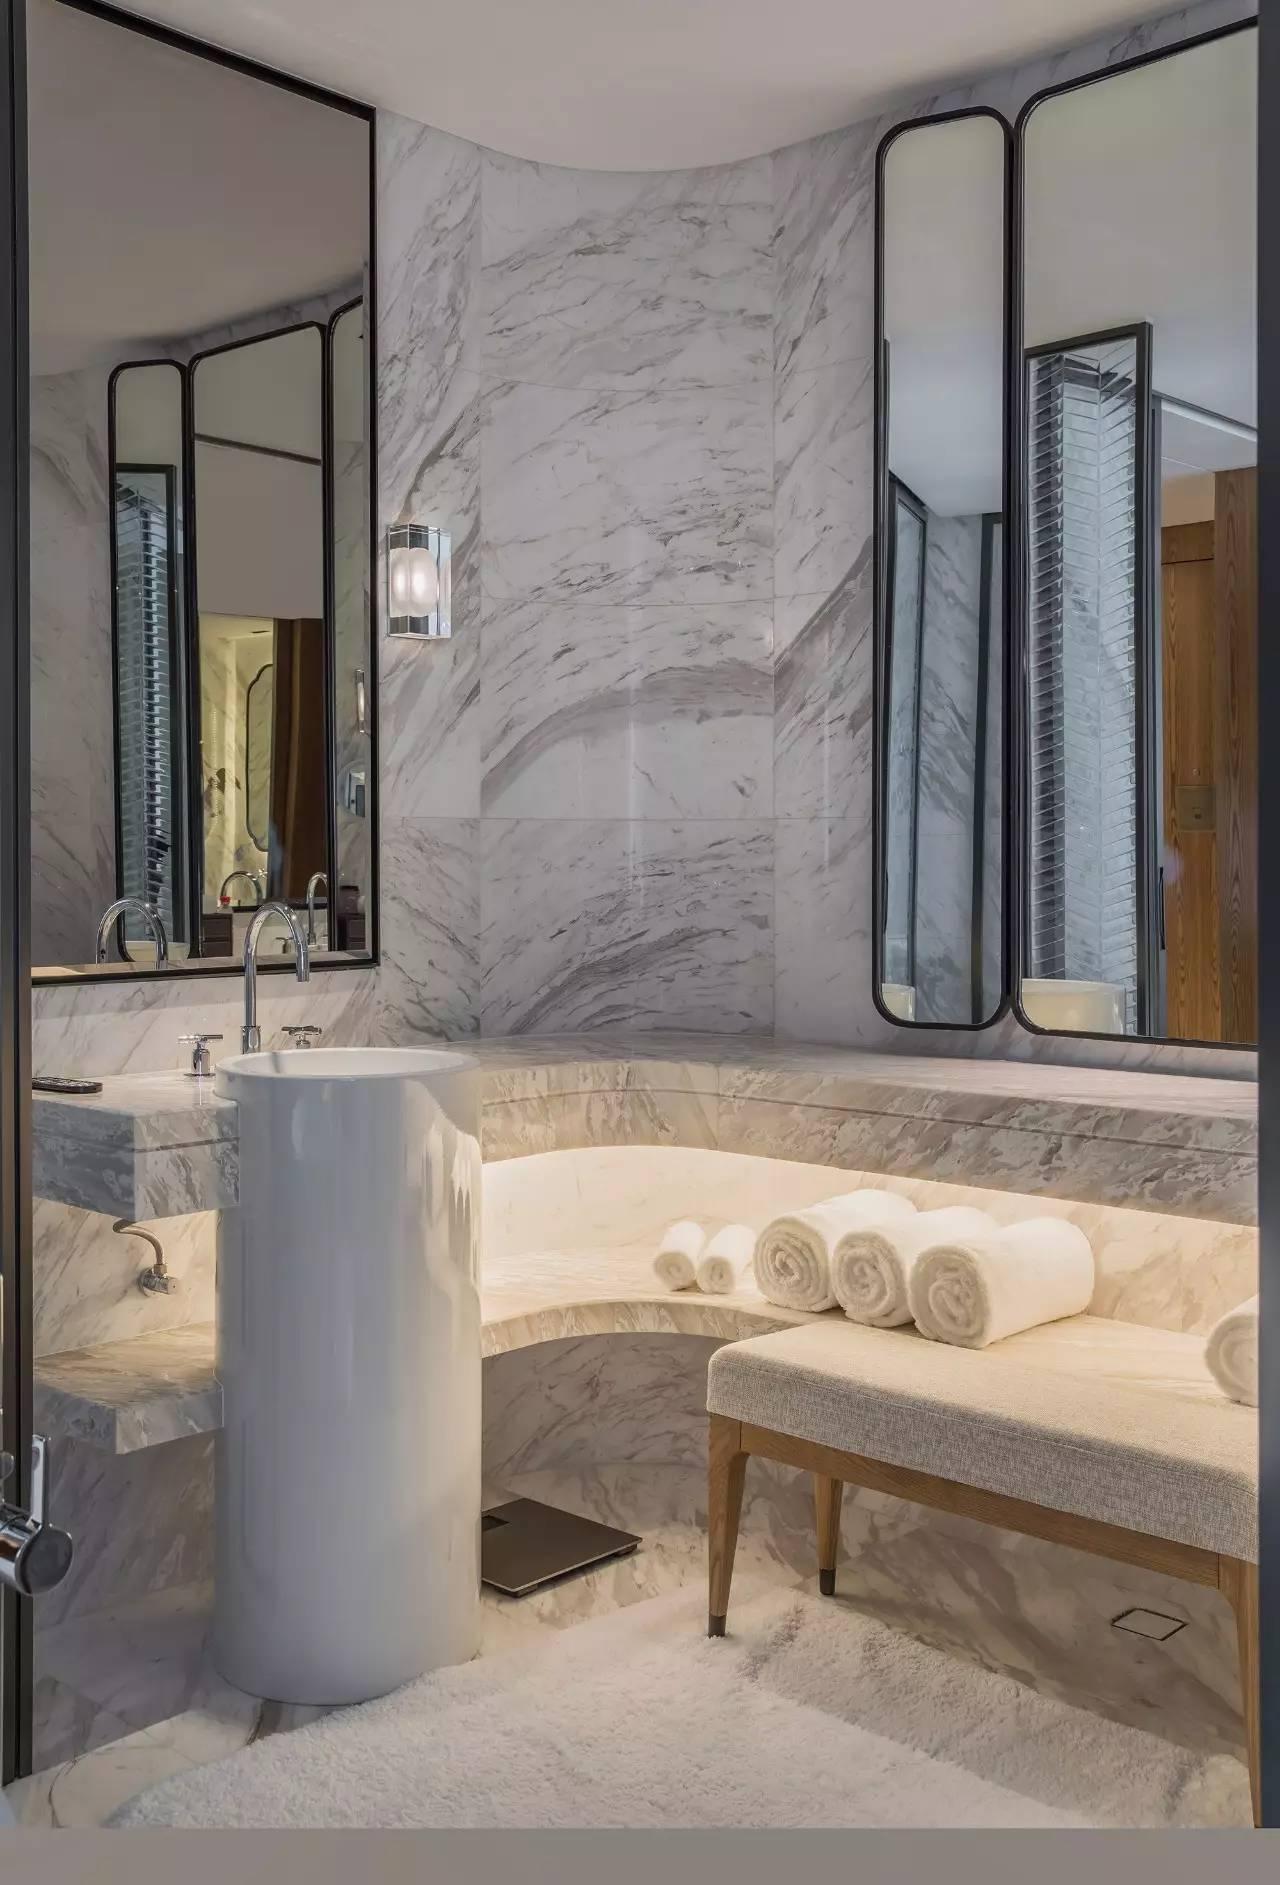 厕所 家居 设计 卫生间 卫生间装修 装修 1280_1885 竖版 竖屏